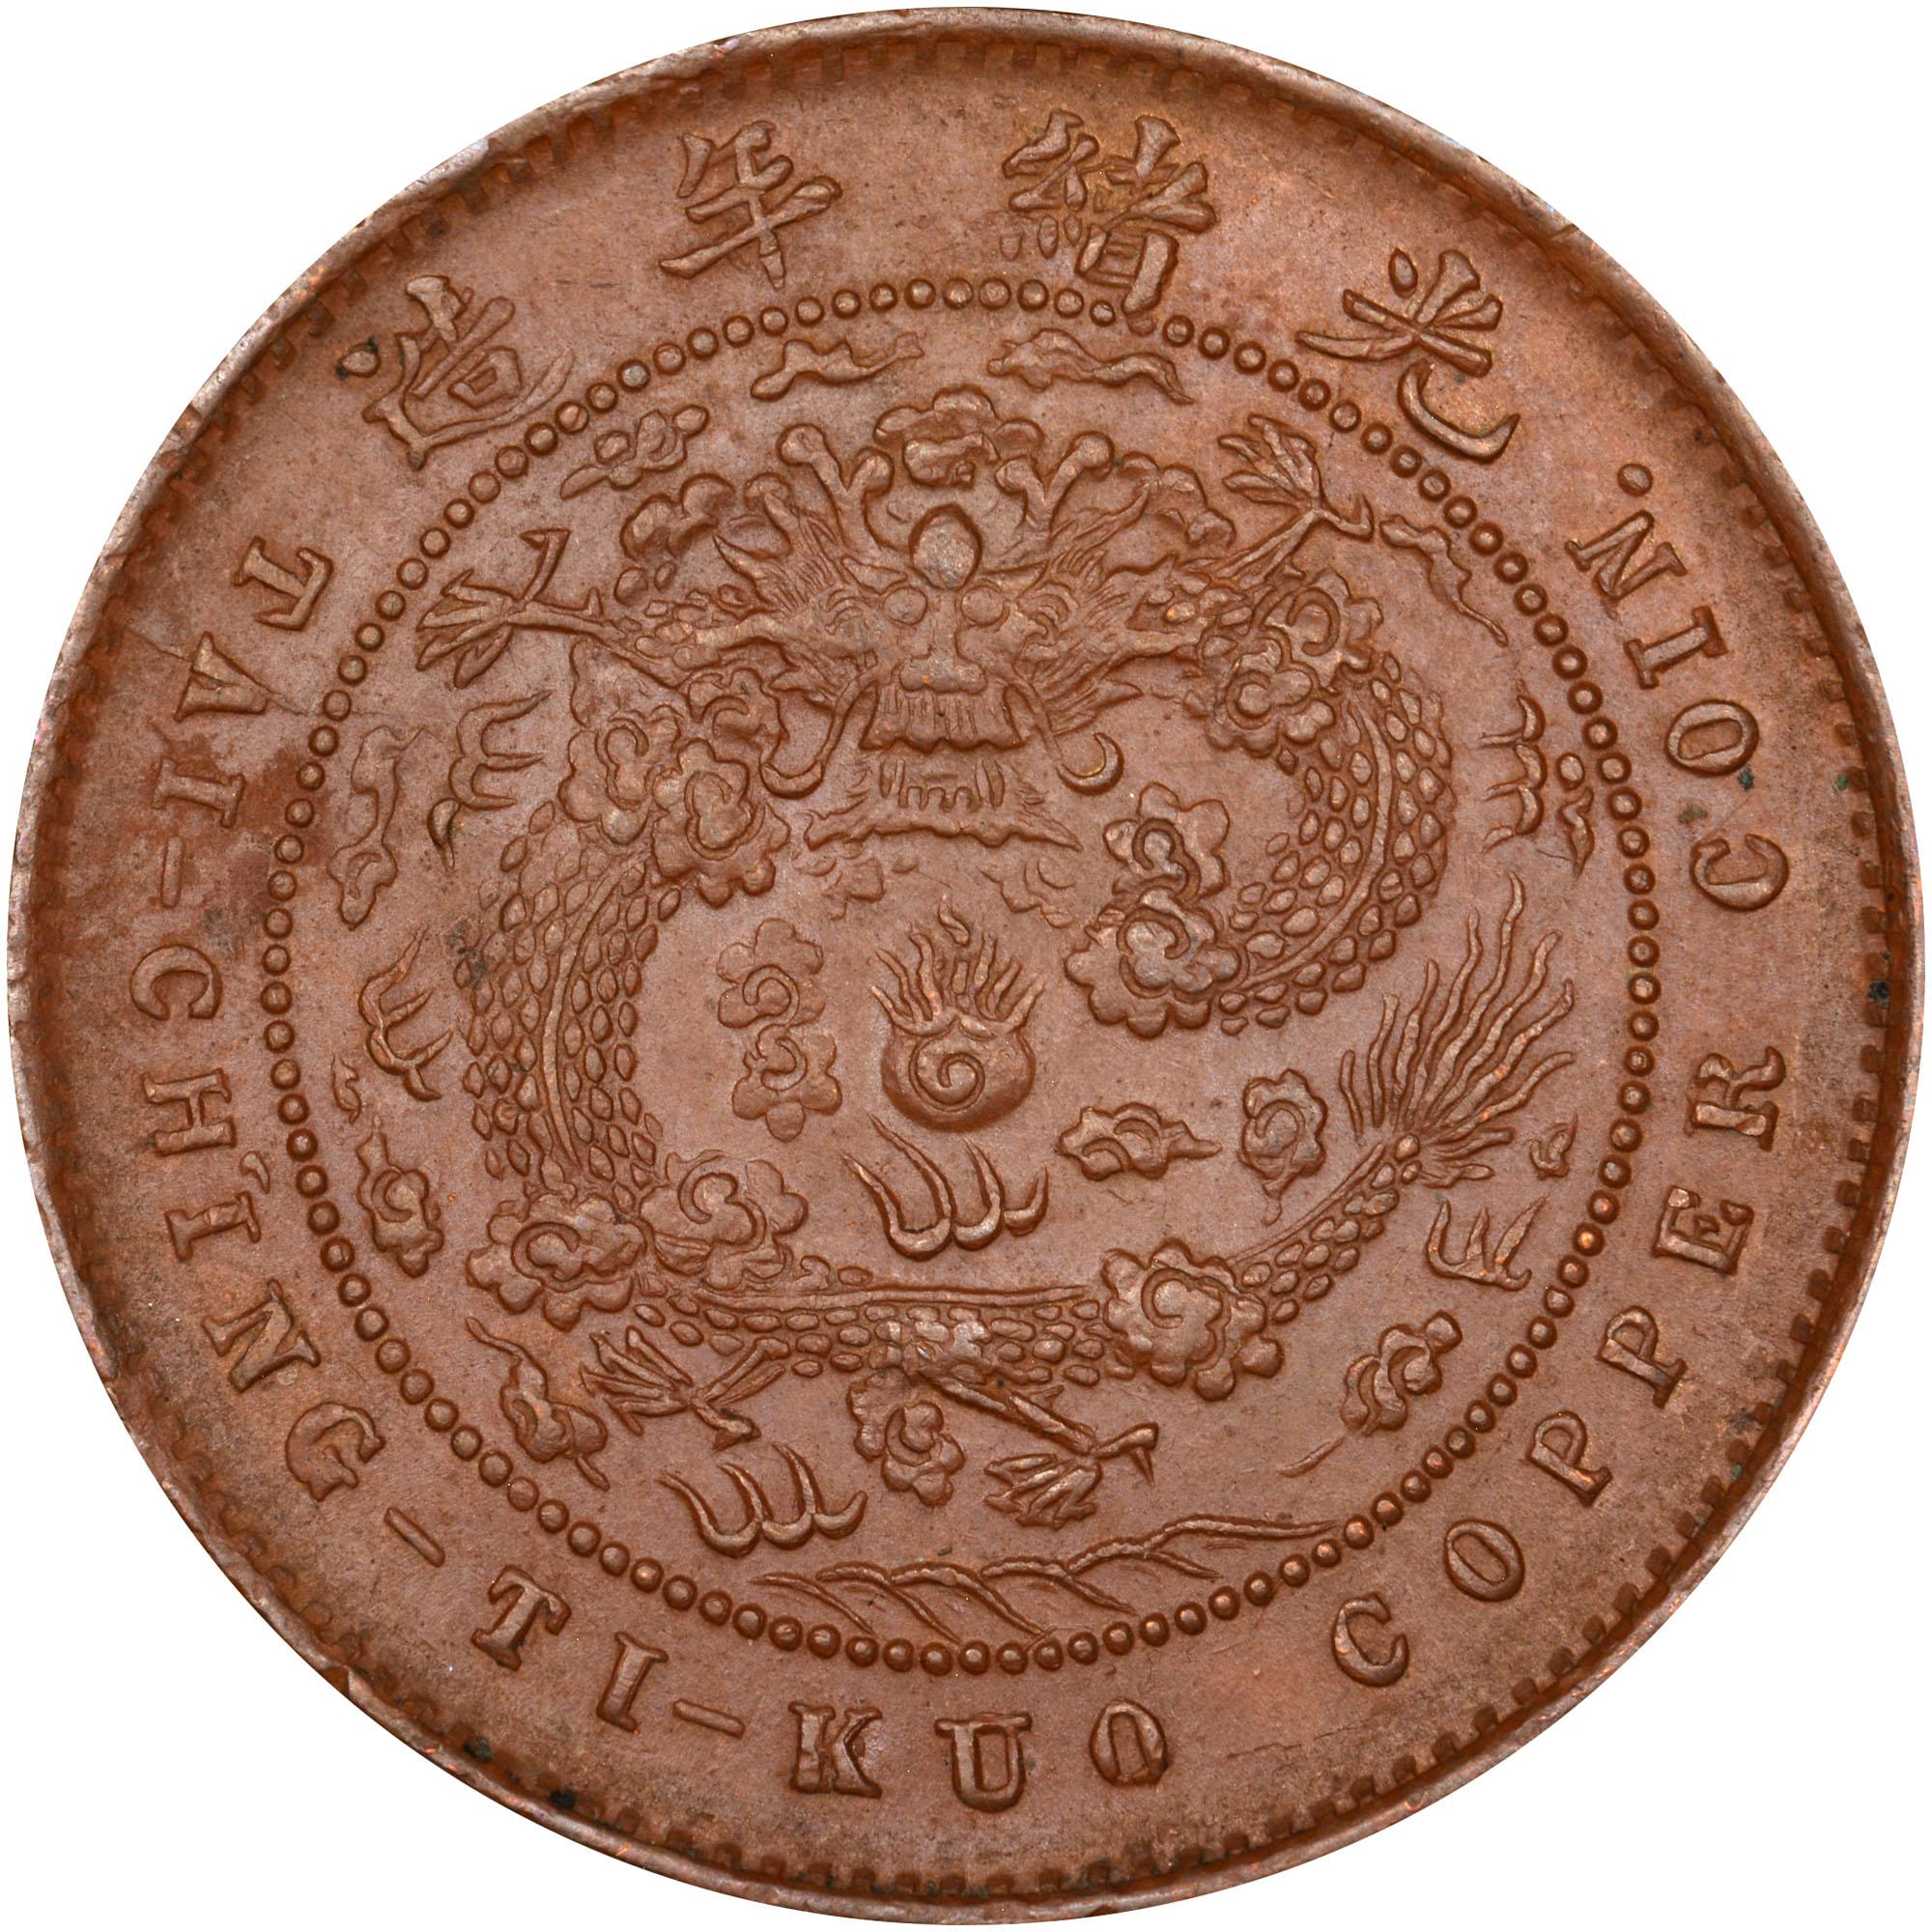 1906 China CHEKIANG PROVINCE 5 Cash reverse